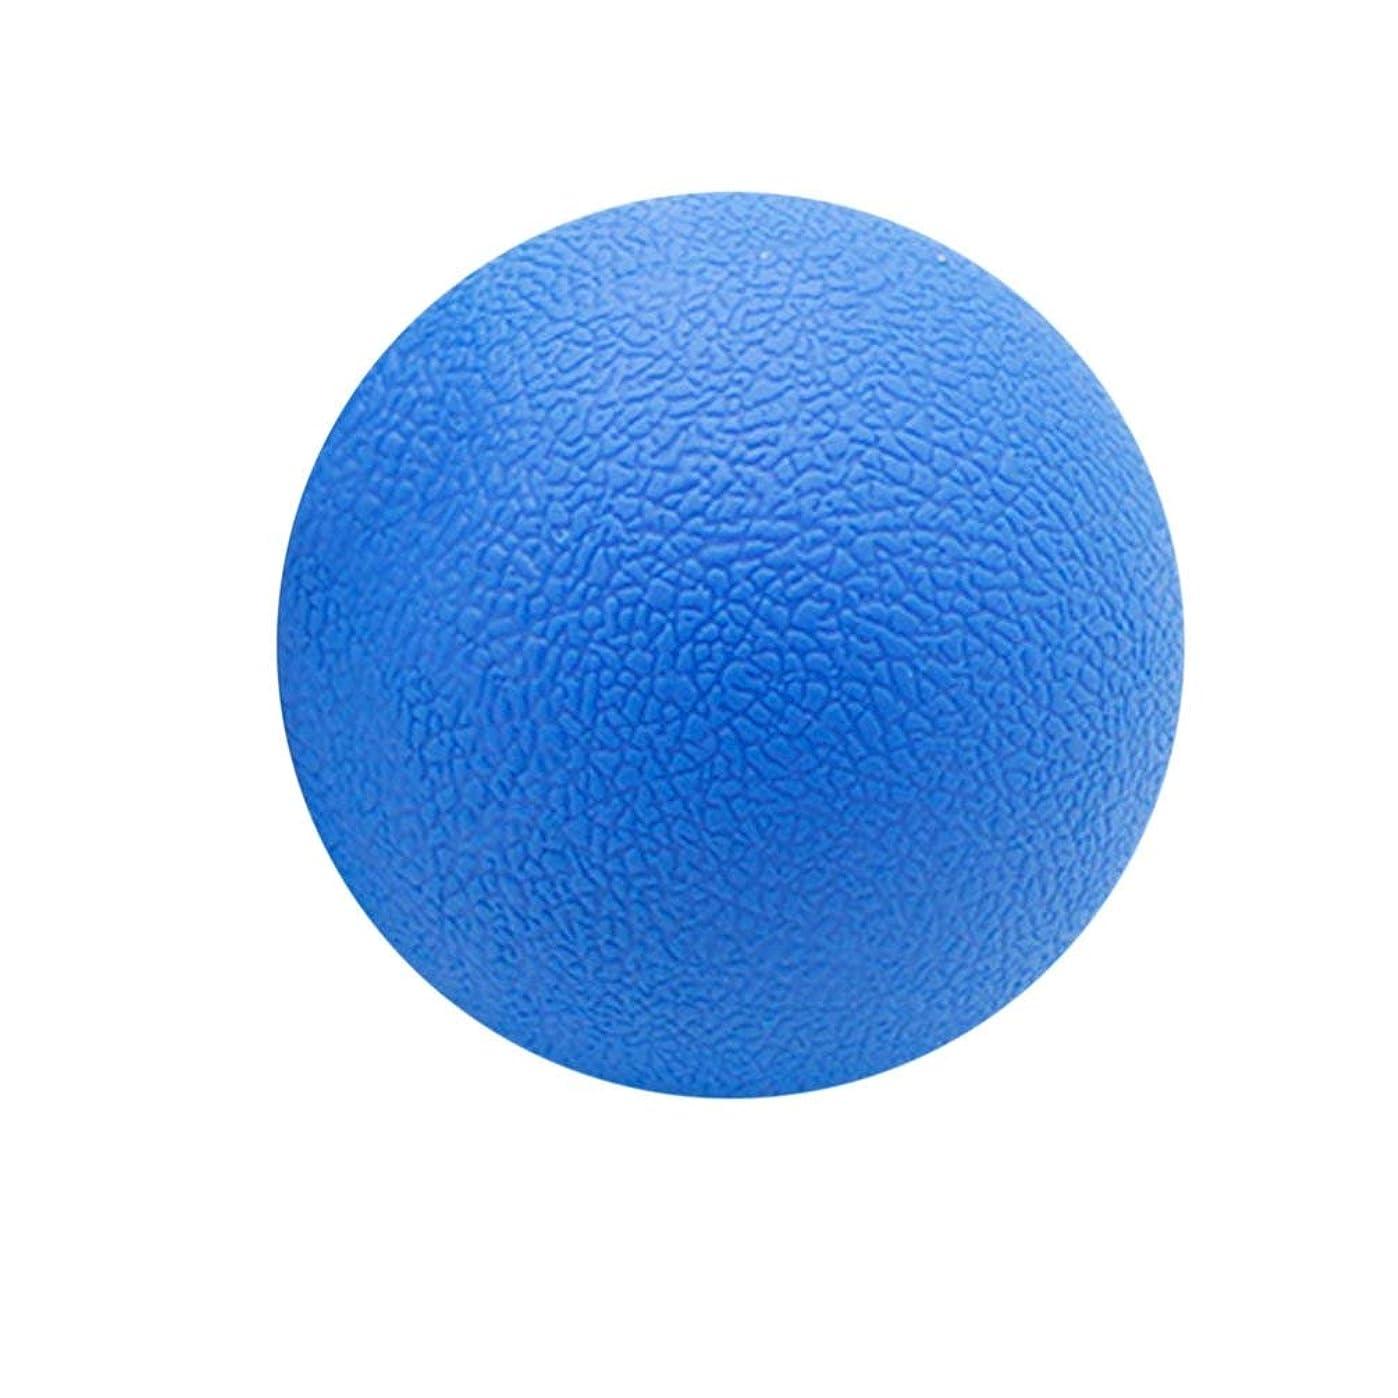 若者辛なのれんフィットネス緩和ジムシングルボールマッサージボールトレーニングフェイシアホッケーボール6.3 cmマッサージフィットネスボールリラックスマッスルボール - ブルー